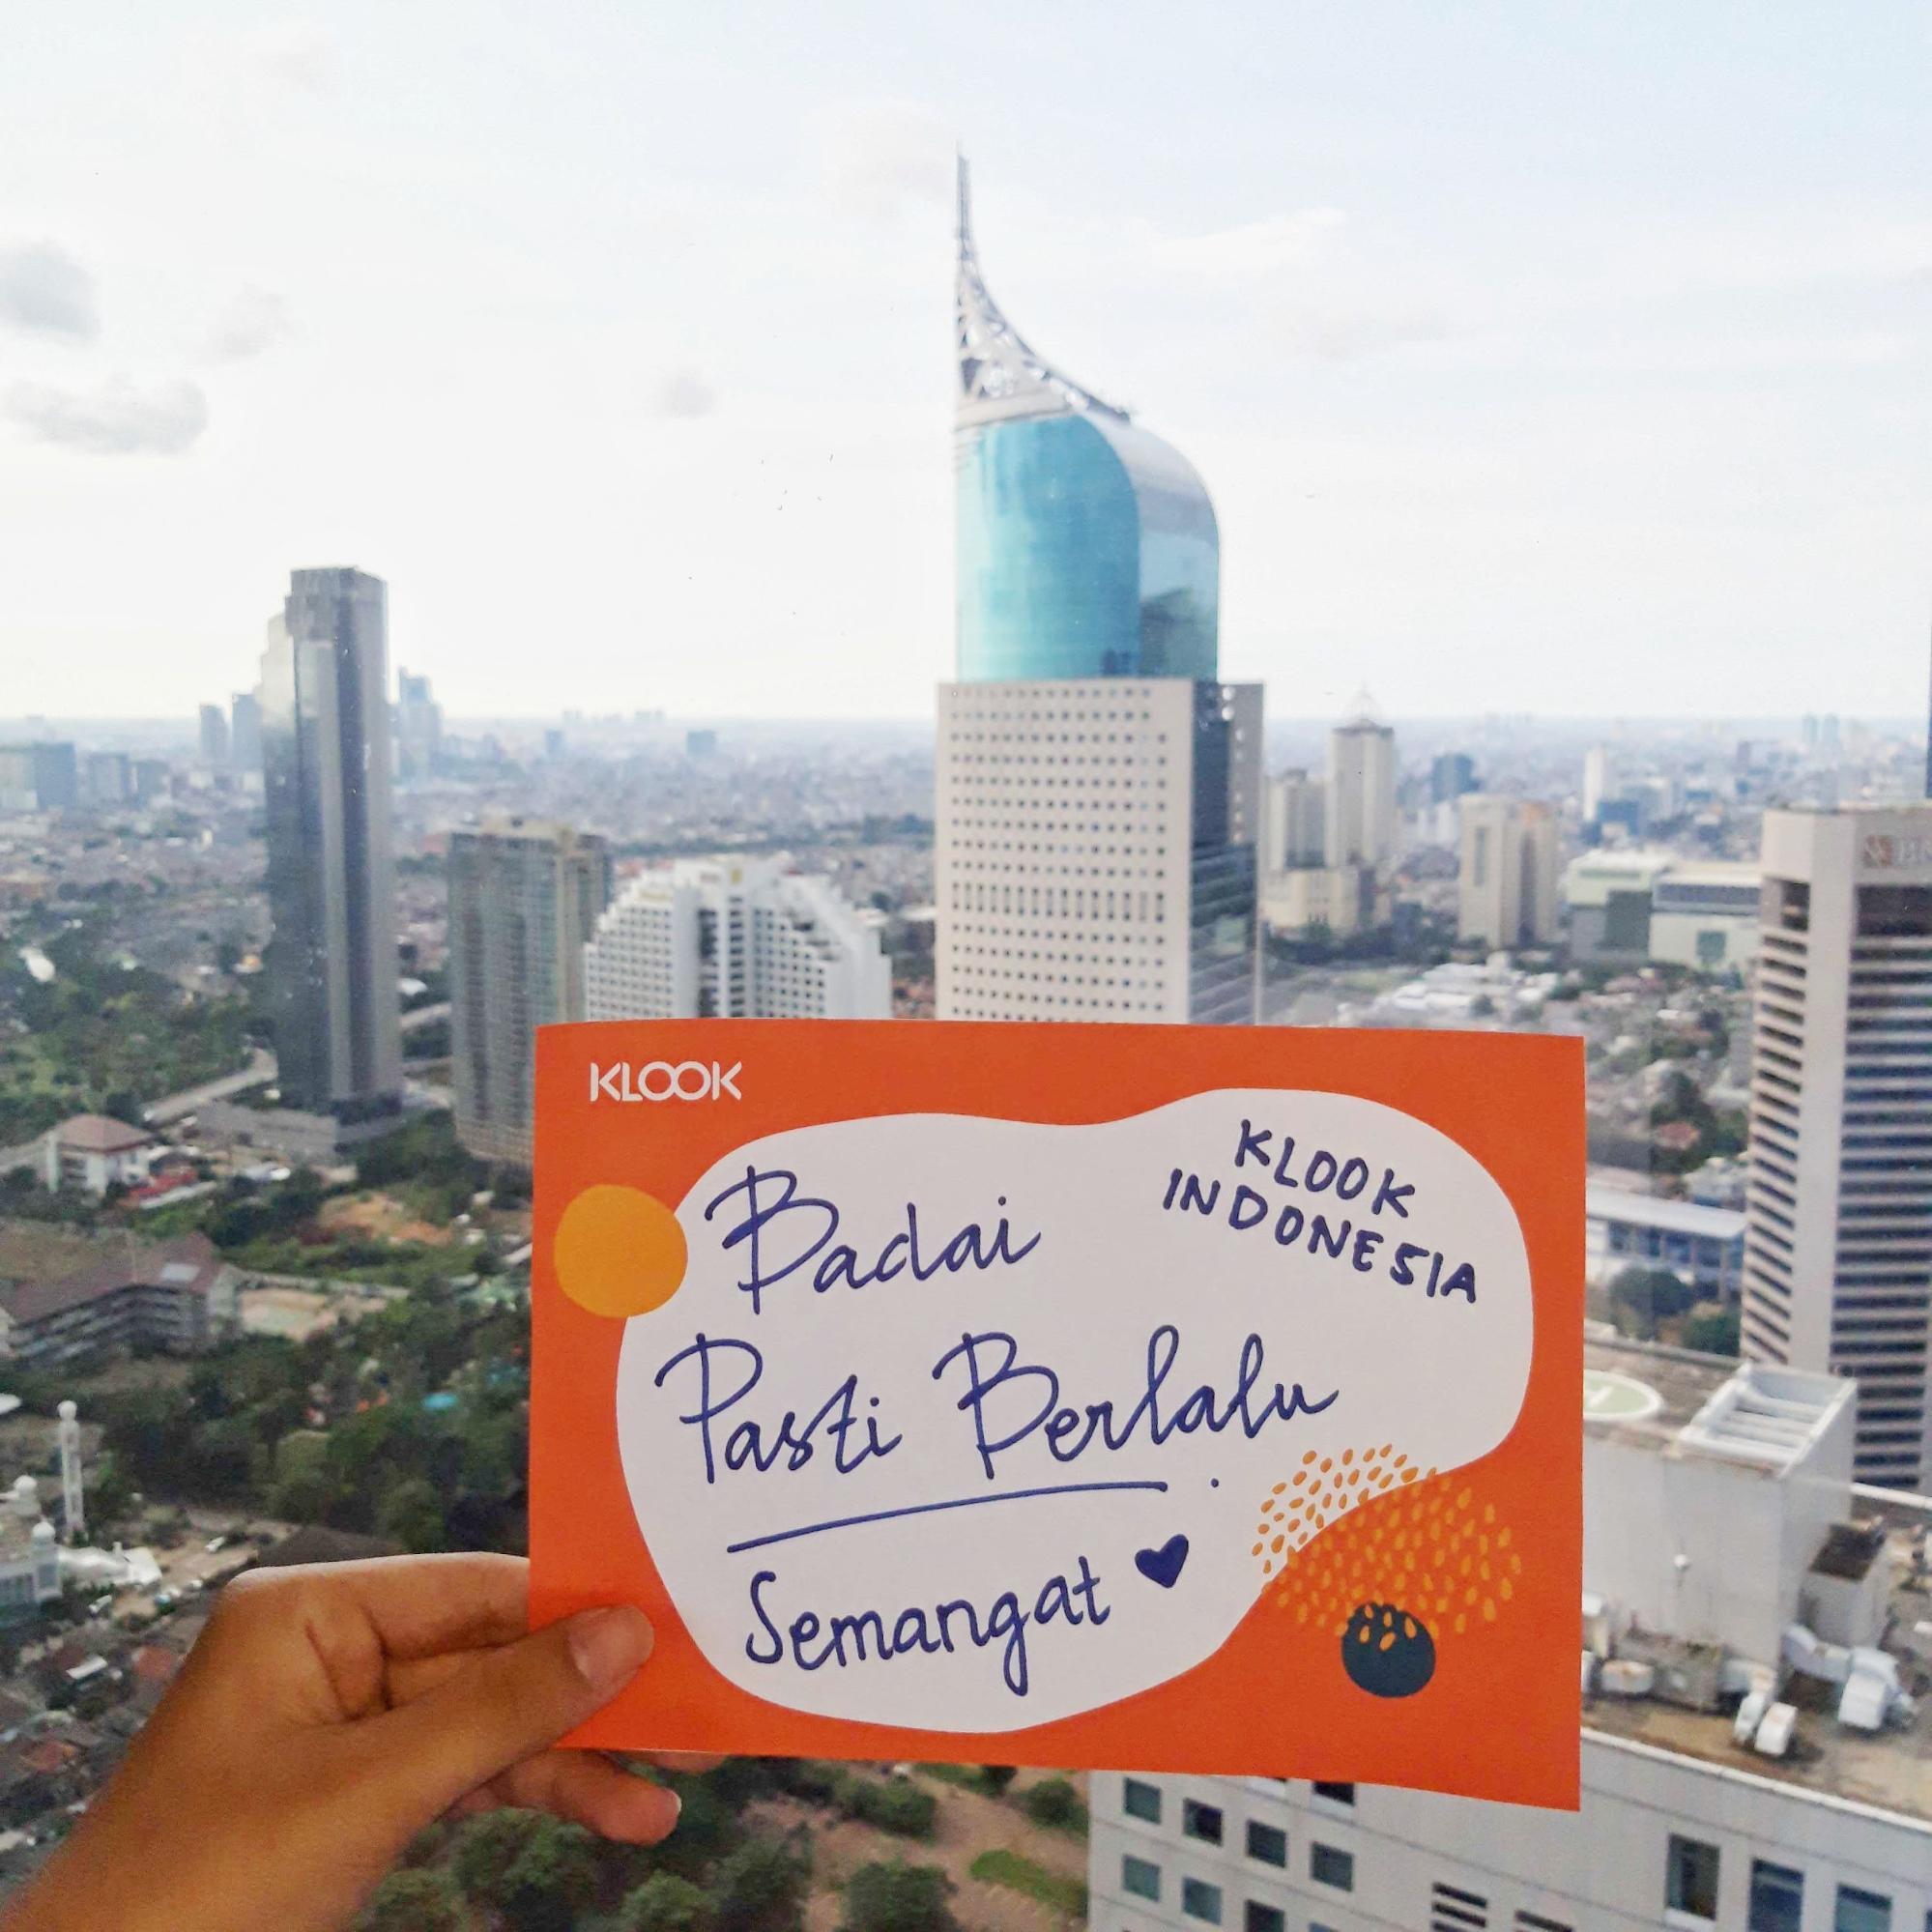 The Klook office in Jakarta